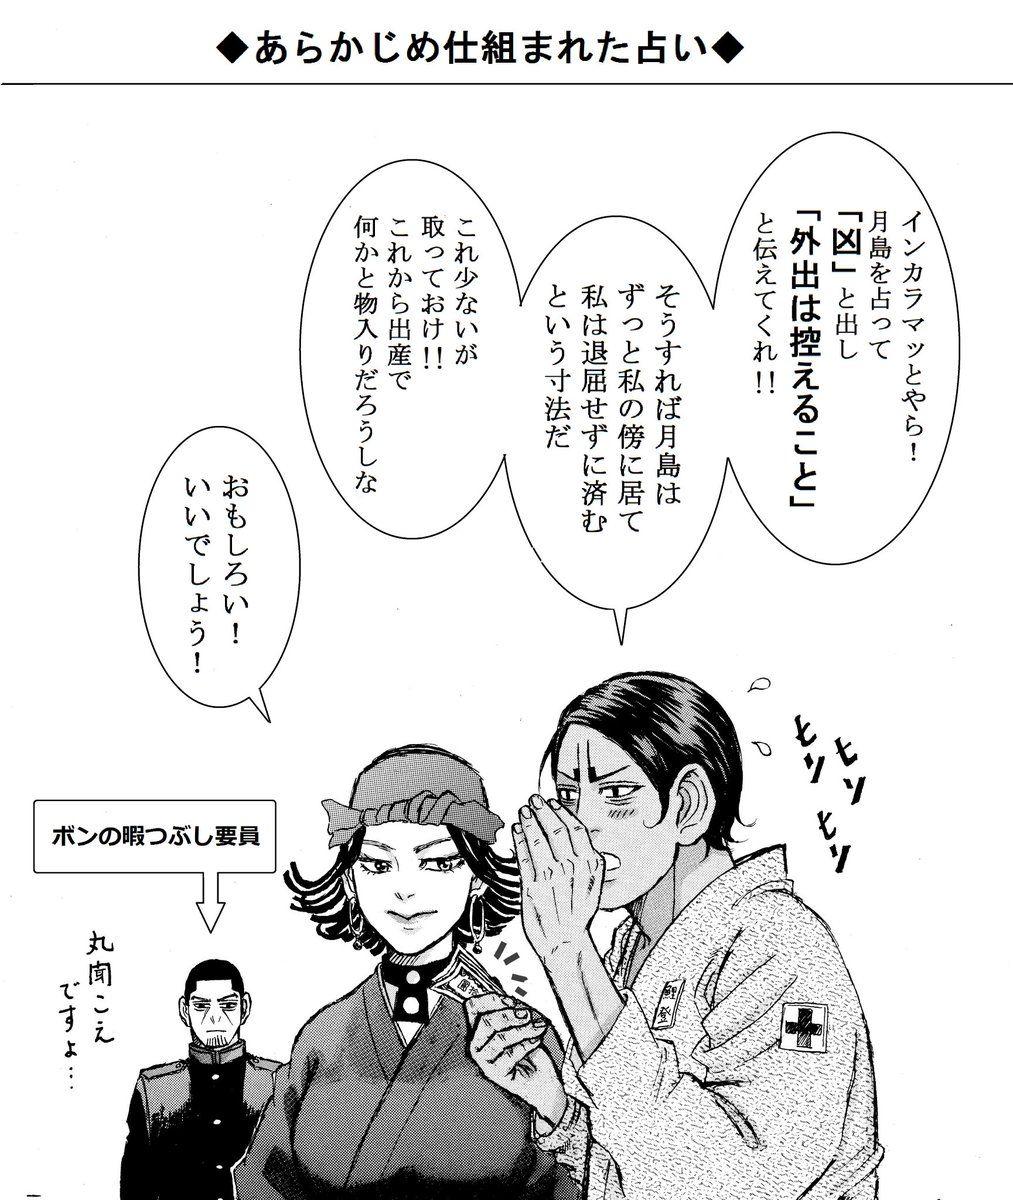 マトリョミン Nekomarux さんの漫画 80作目 ツイコミ 仮 マンガ オタク 軍曹